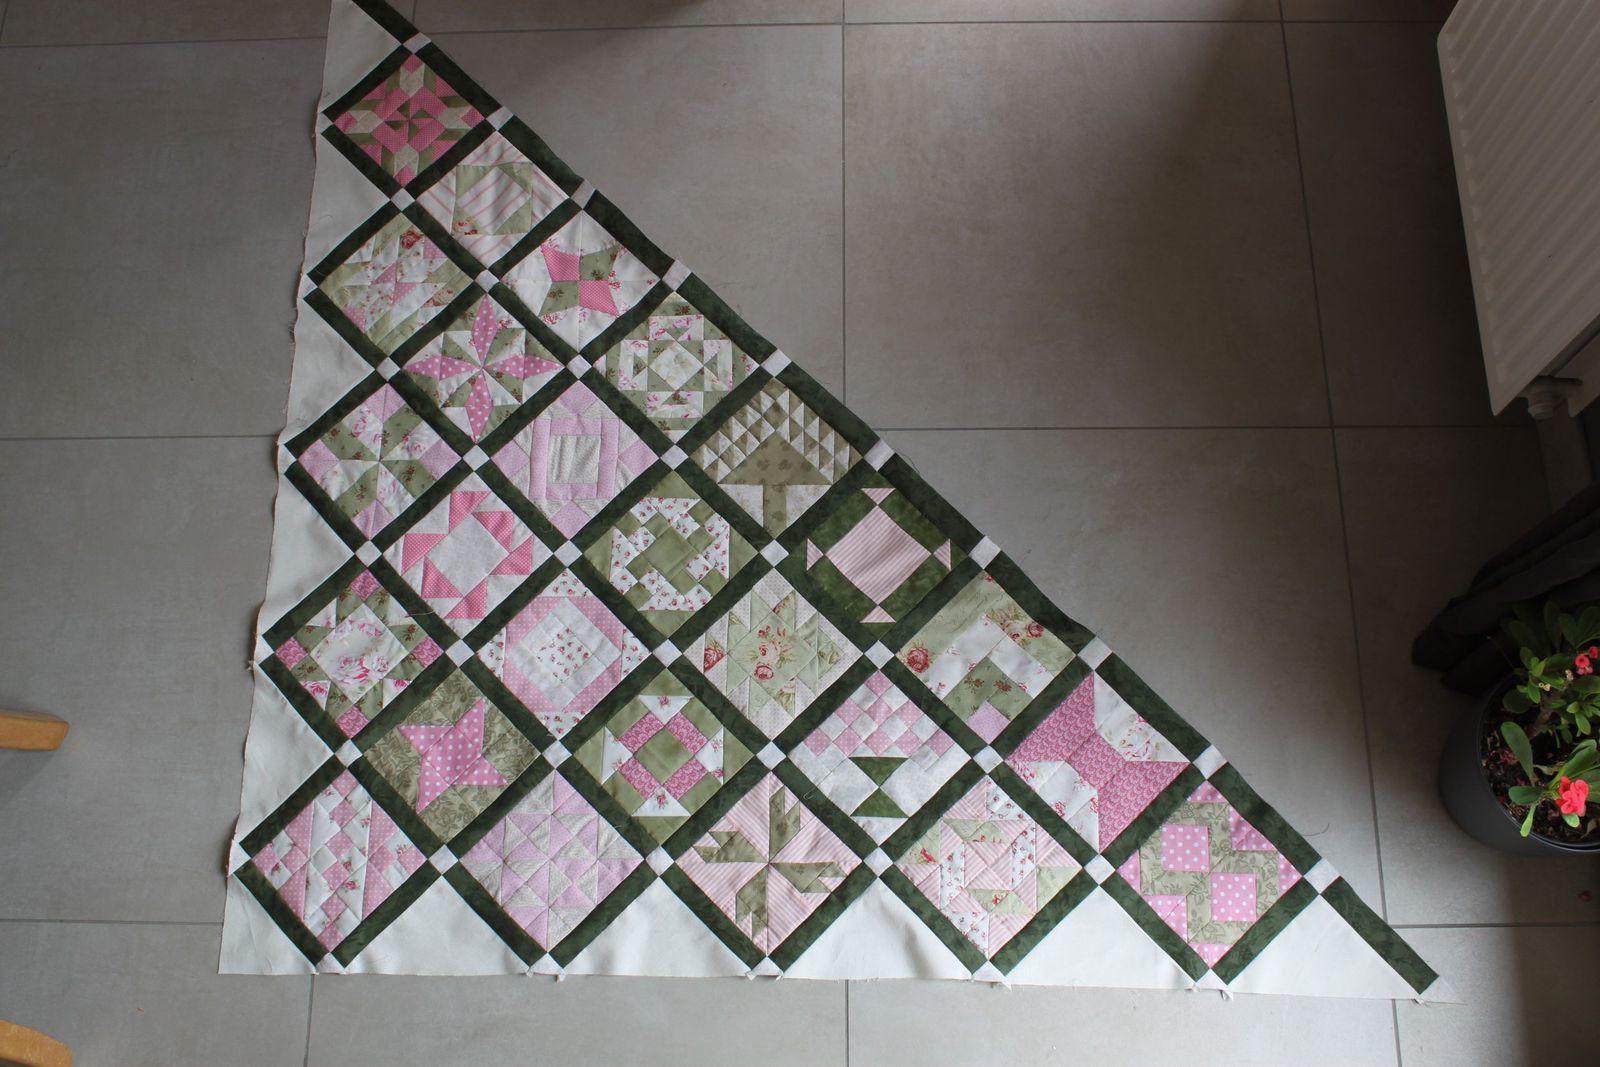 Farmer's wife sampler quilt